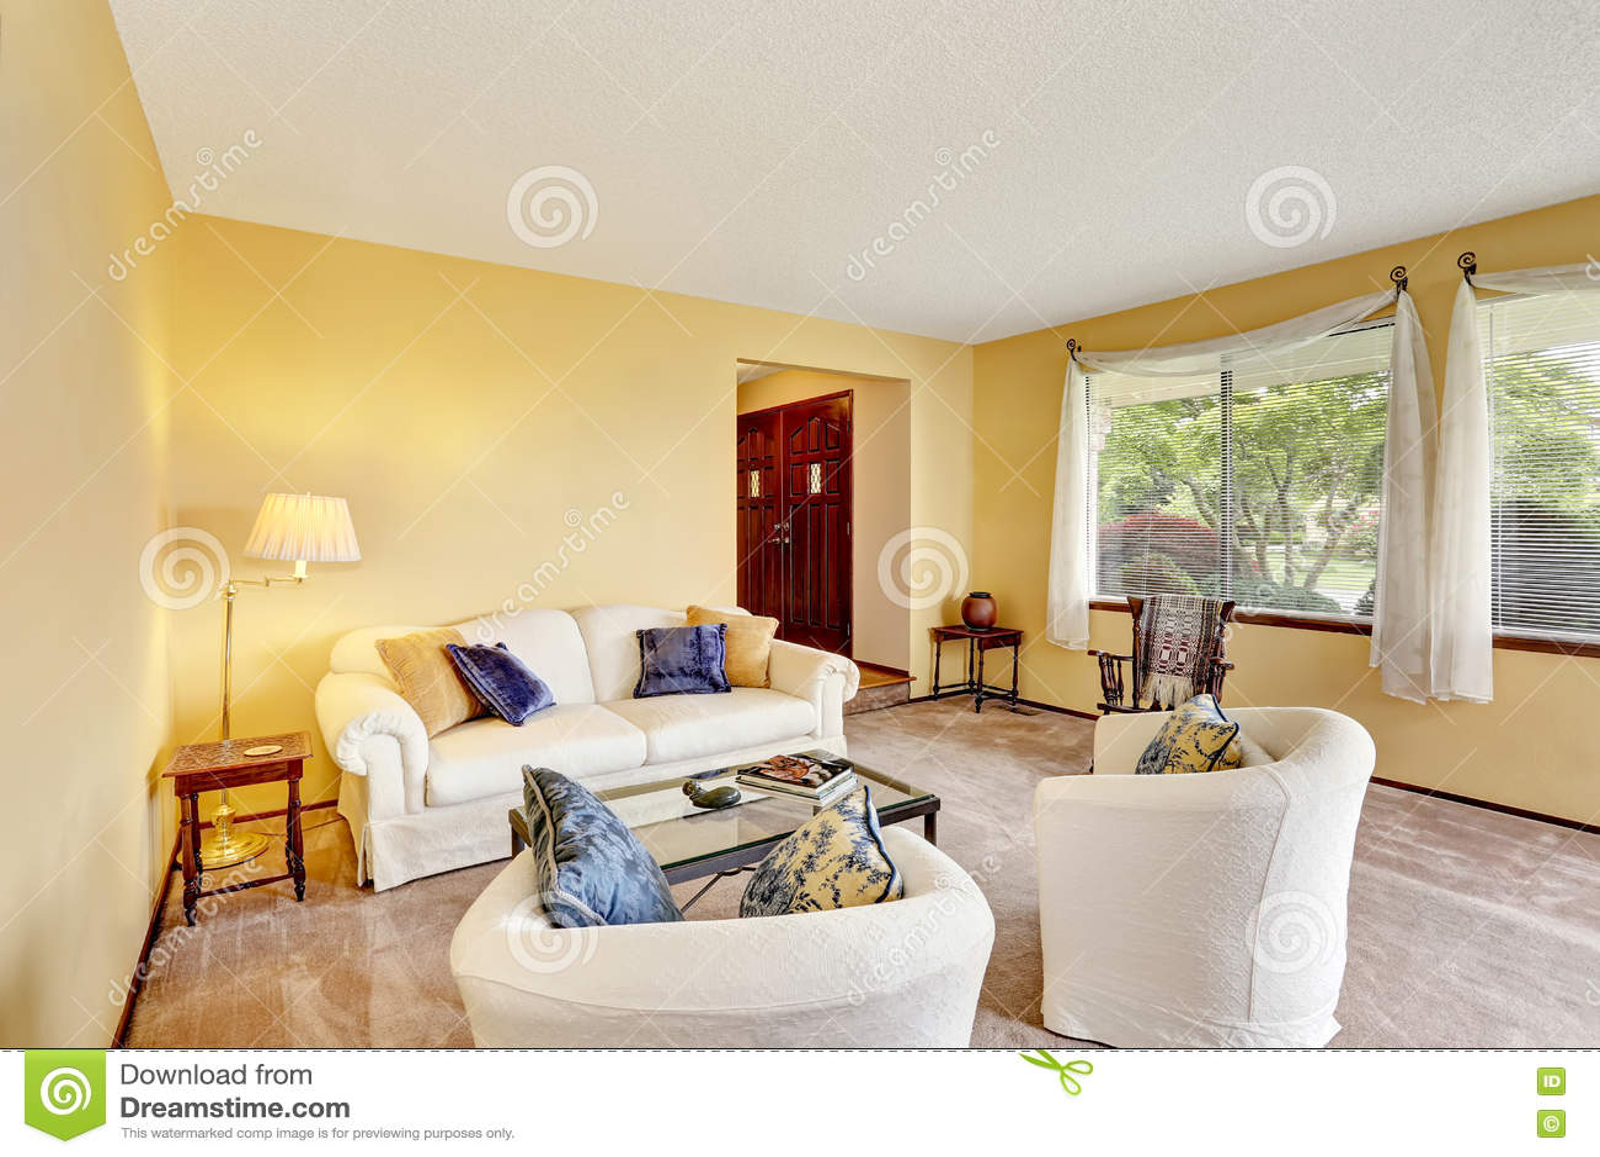 Gemutliches Wohnzimmer Mit Hellgelben Wanden Und Weissen Mobeln Stockbild Bild Von Wohnzimmer Gemutliches 76038695